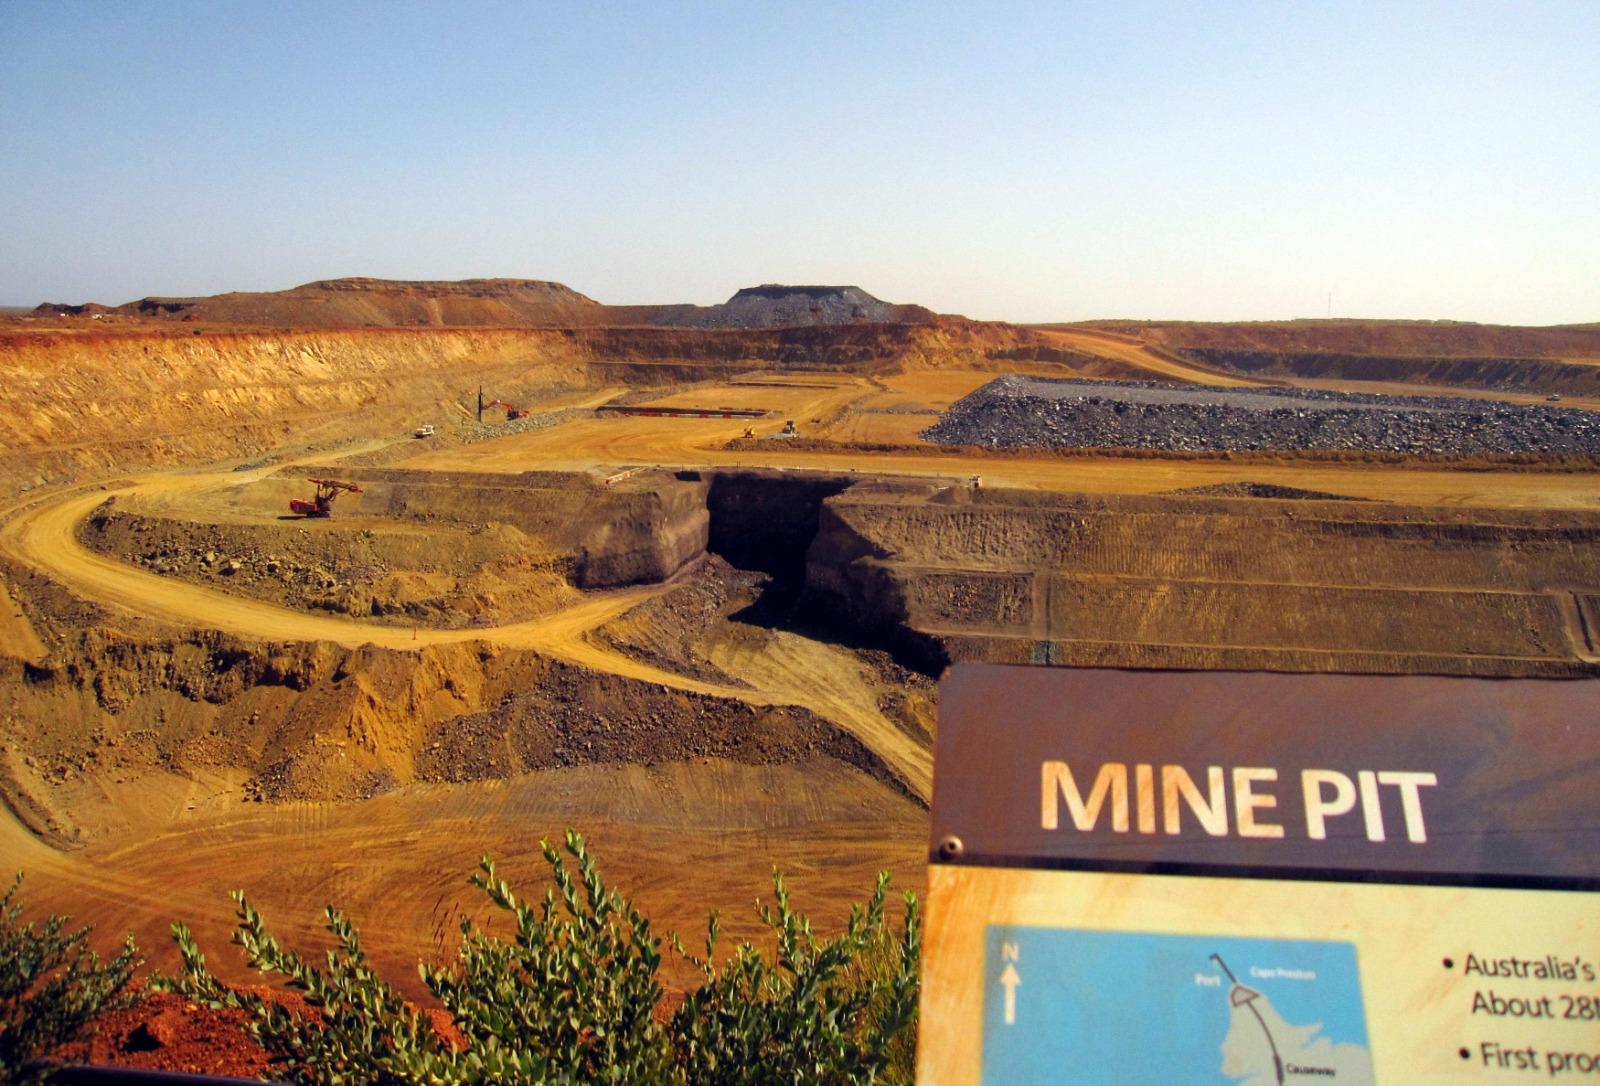 鐵礦石價格自11月急升26%,令大陸煉鋼成本大增,中共對澳洲的貿易戰才剛展開已迅速自食惡果。(AMY COOPES/AFP via Getty Images)